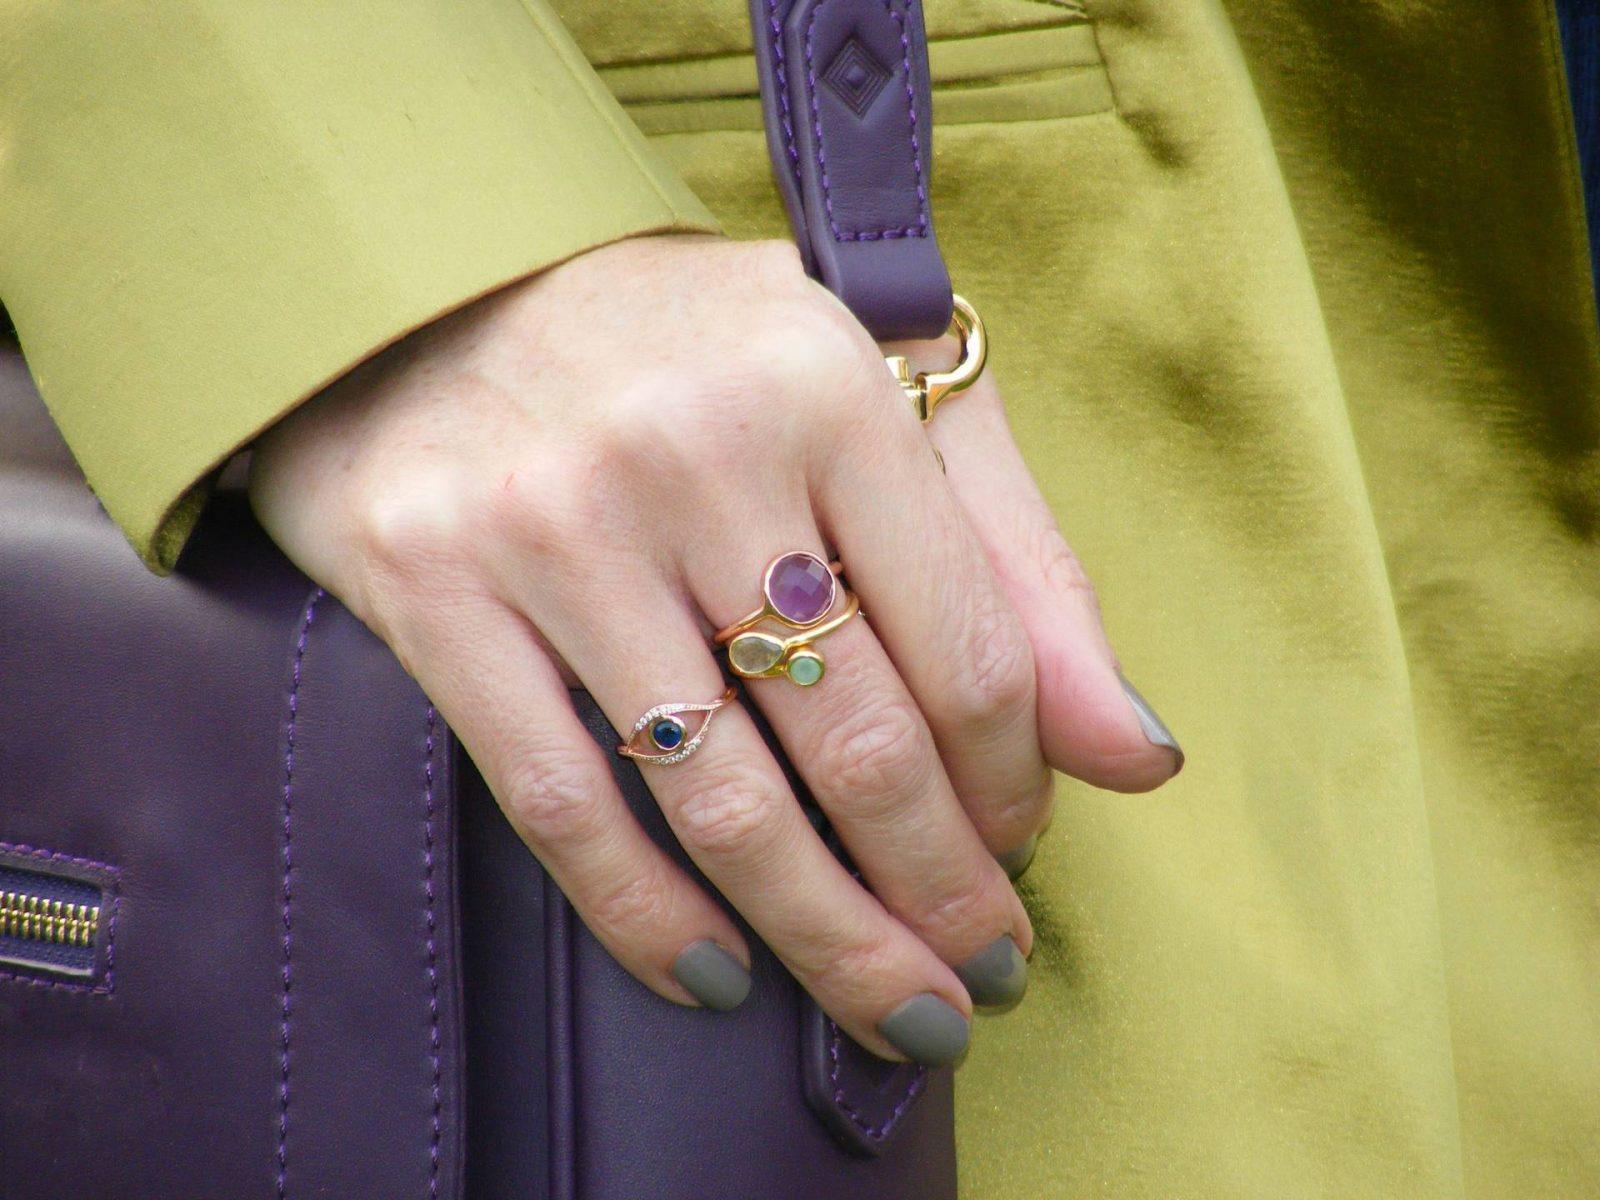 Pia Gold rings evil eye ring